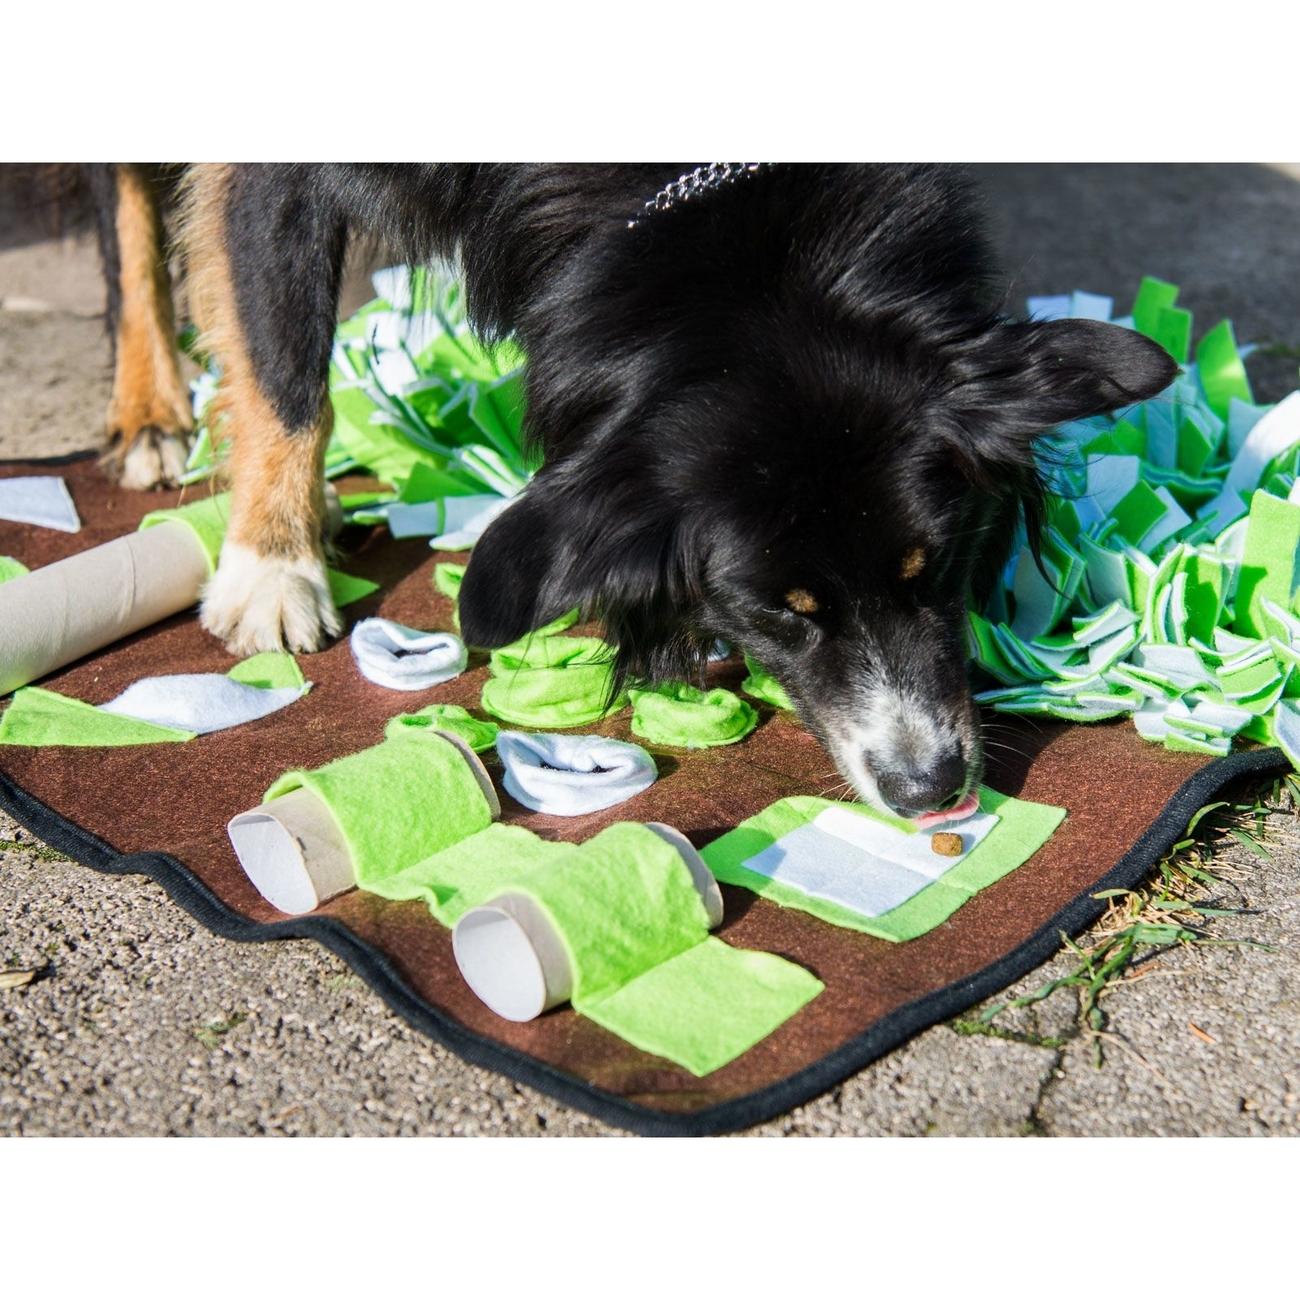 tiierisch.de Basics Schnüffelteppich Hund, Bild 8